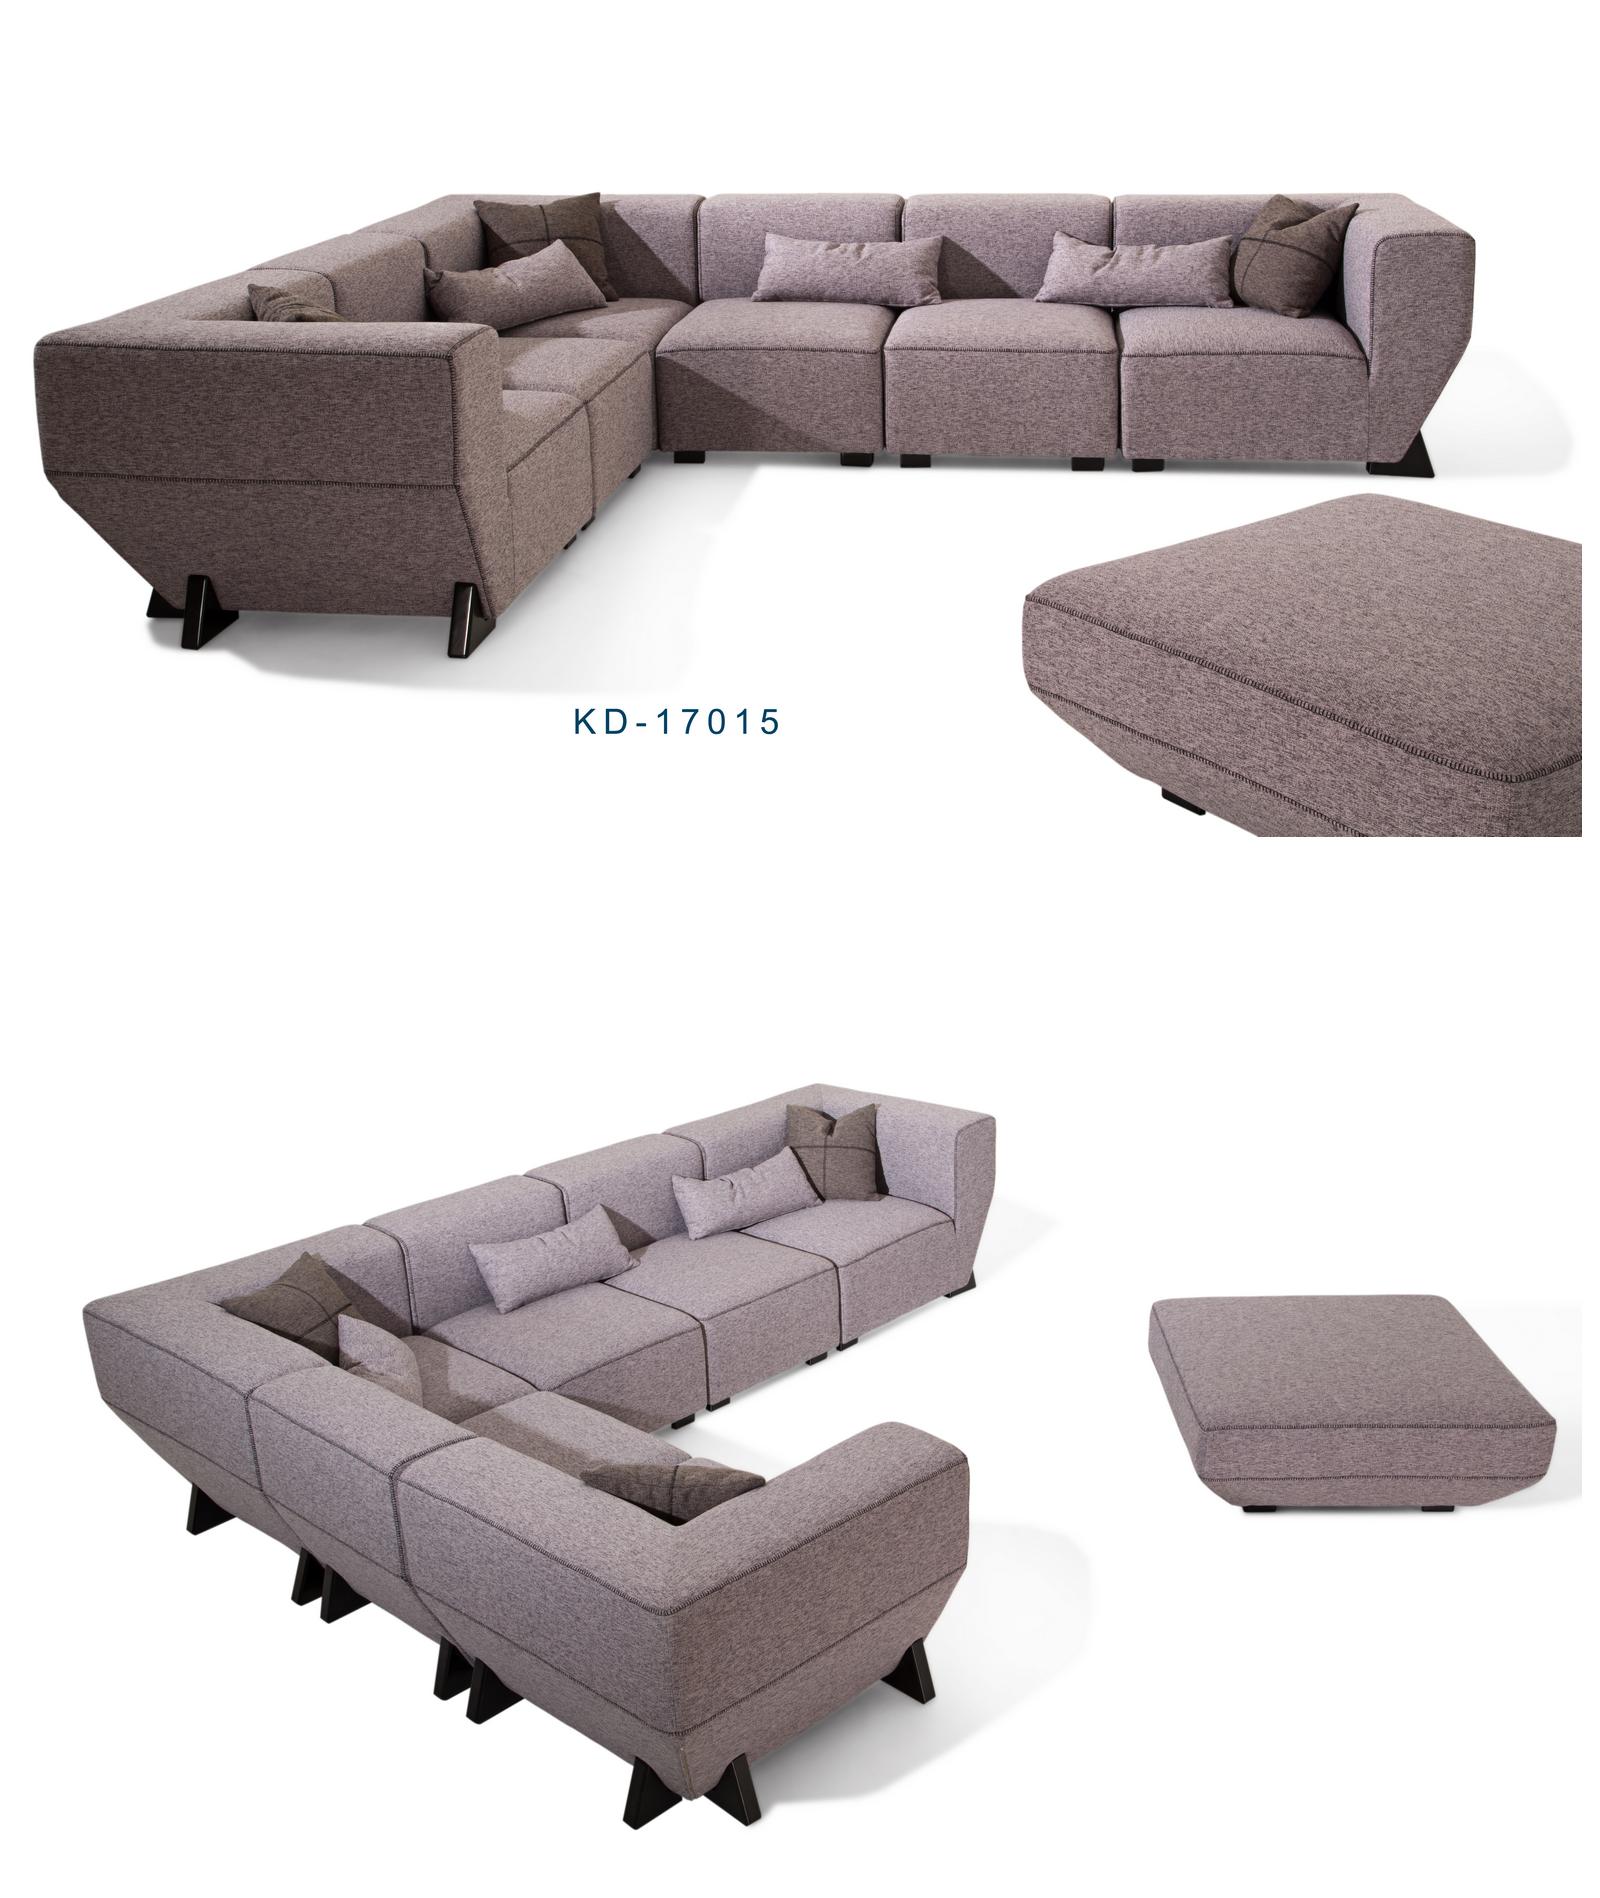 Cocheen Provide You Good Quality Luxury Sectonal Sofa Sets Luxurysectionalsofa Sofadesign Livingroom Design Sectional Sofa Sofa Set Sofa